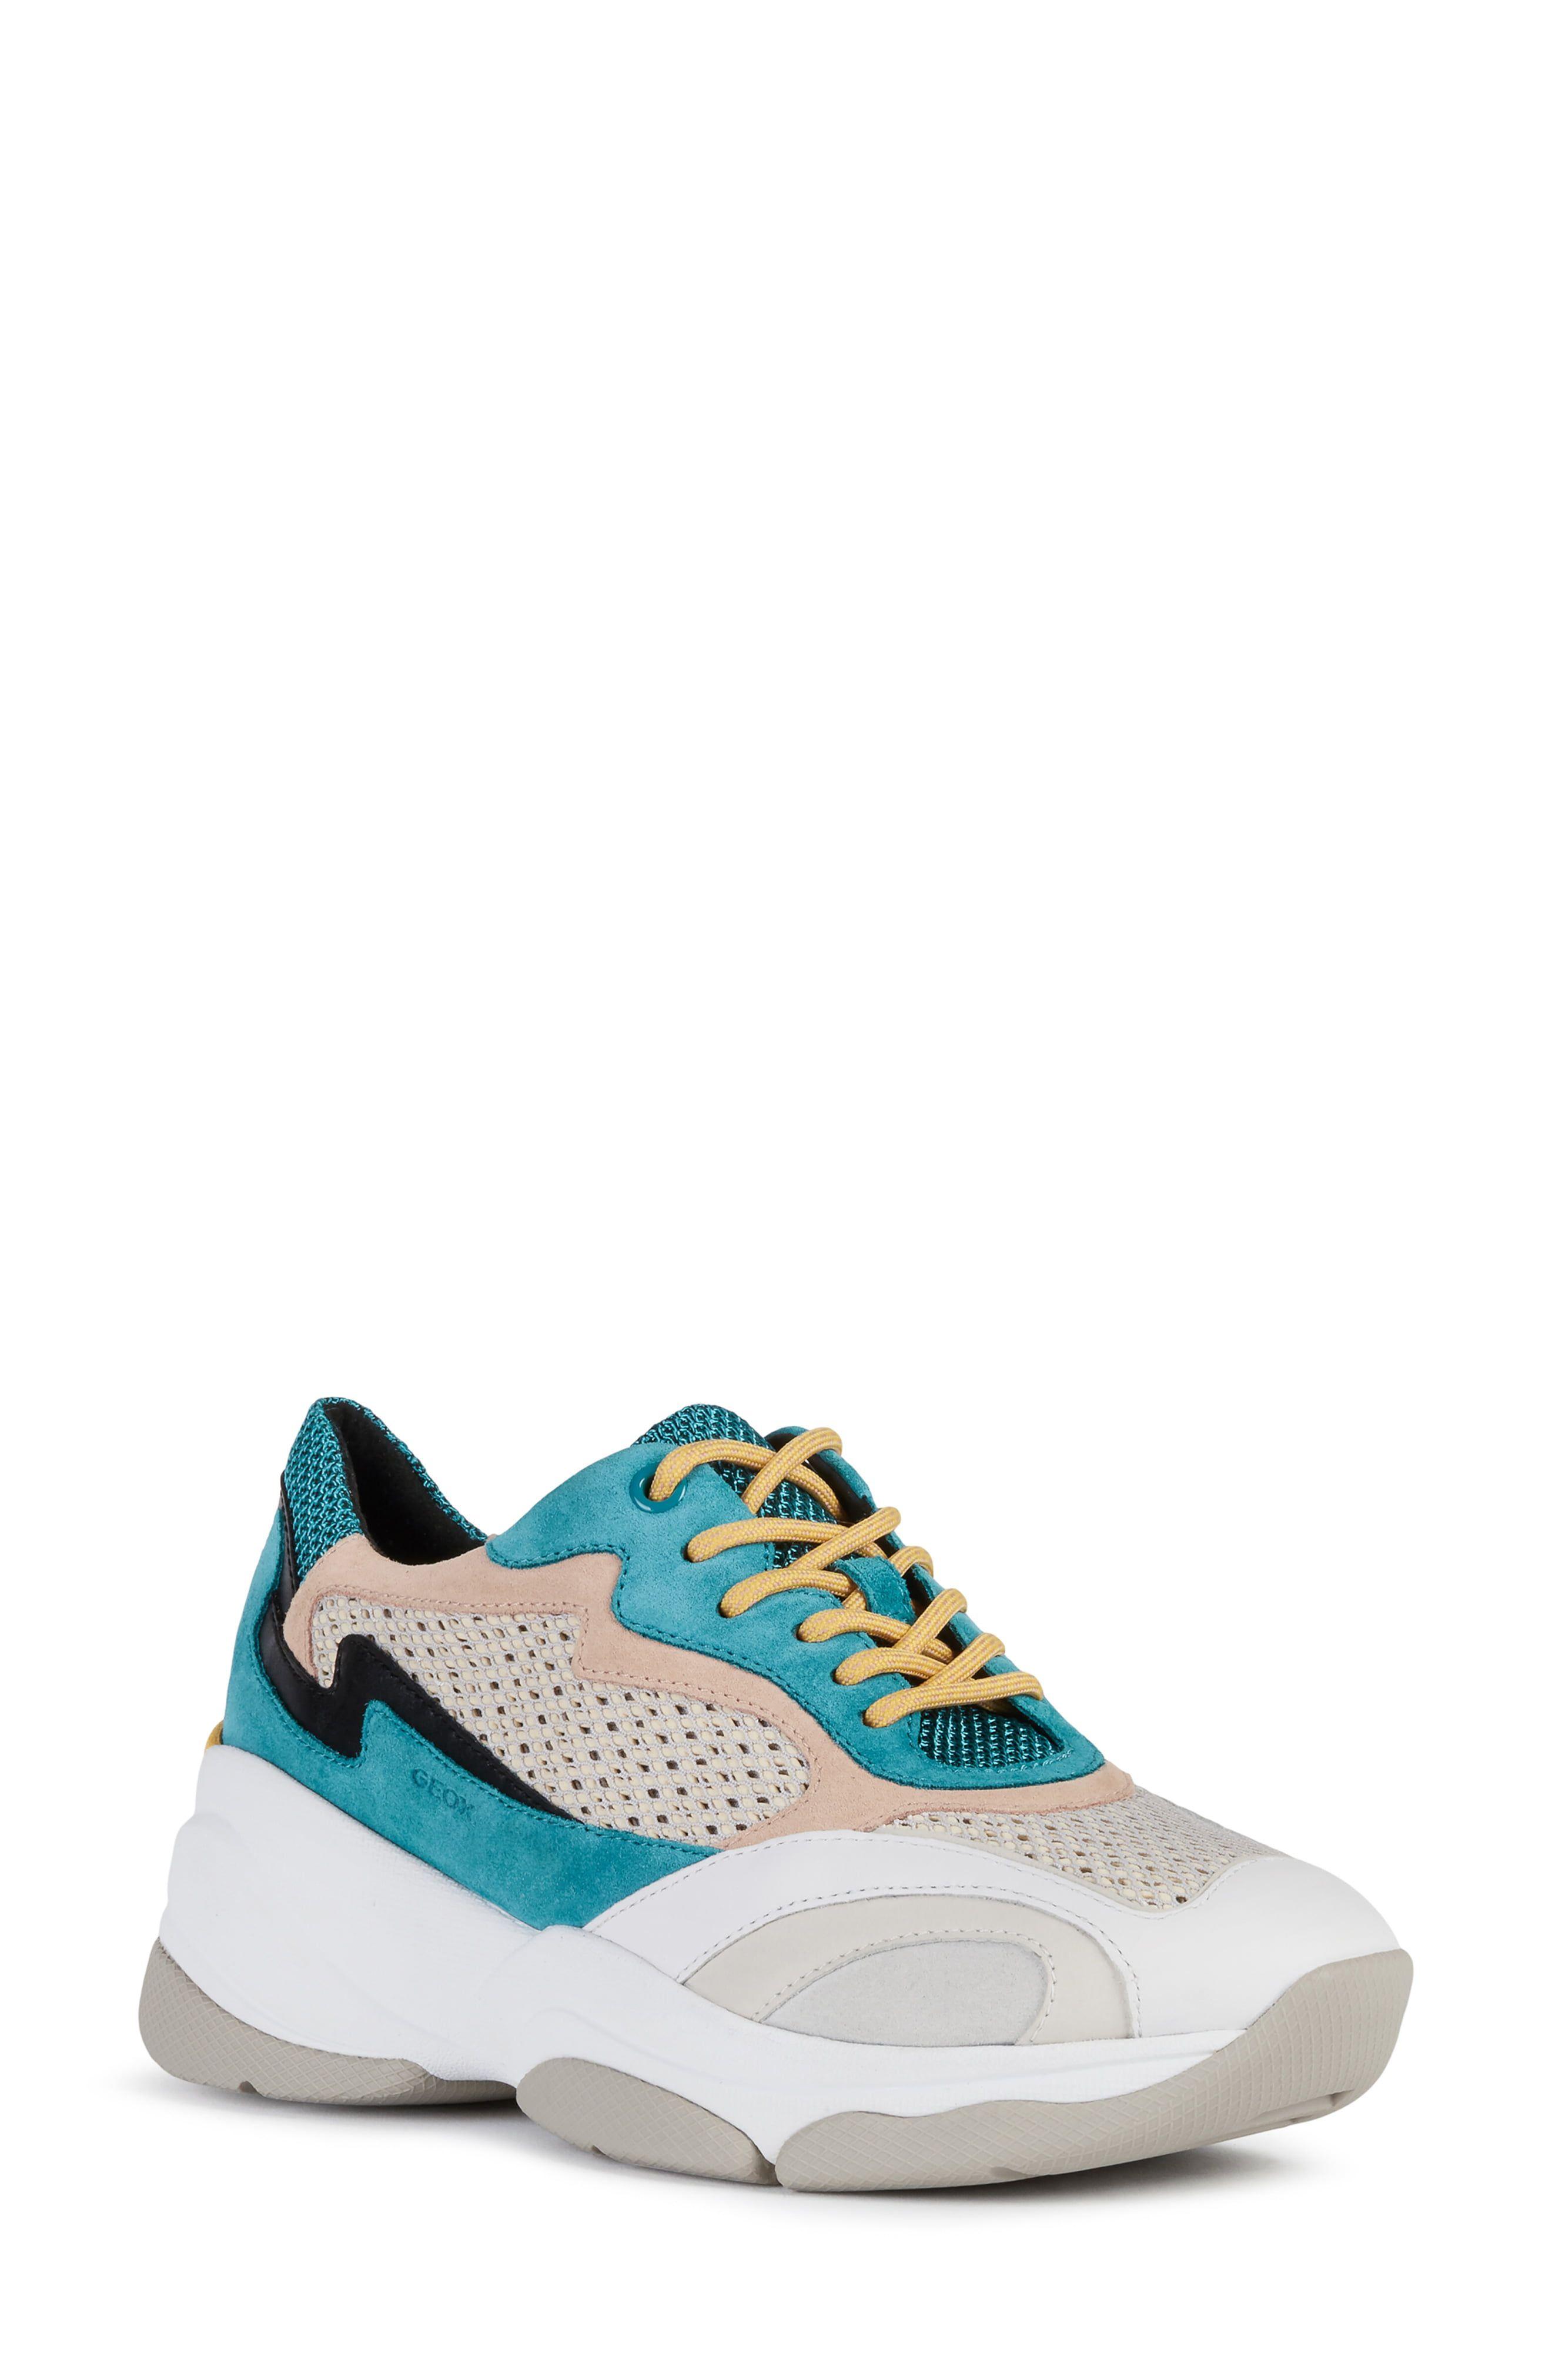 Saltar salud Alaska  Geox Kirya Sneaker (Women)   Nordstrom in 2020   Womens sneakers, Sneakers,  Hiking shoes women